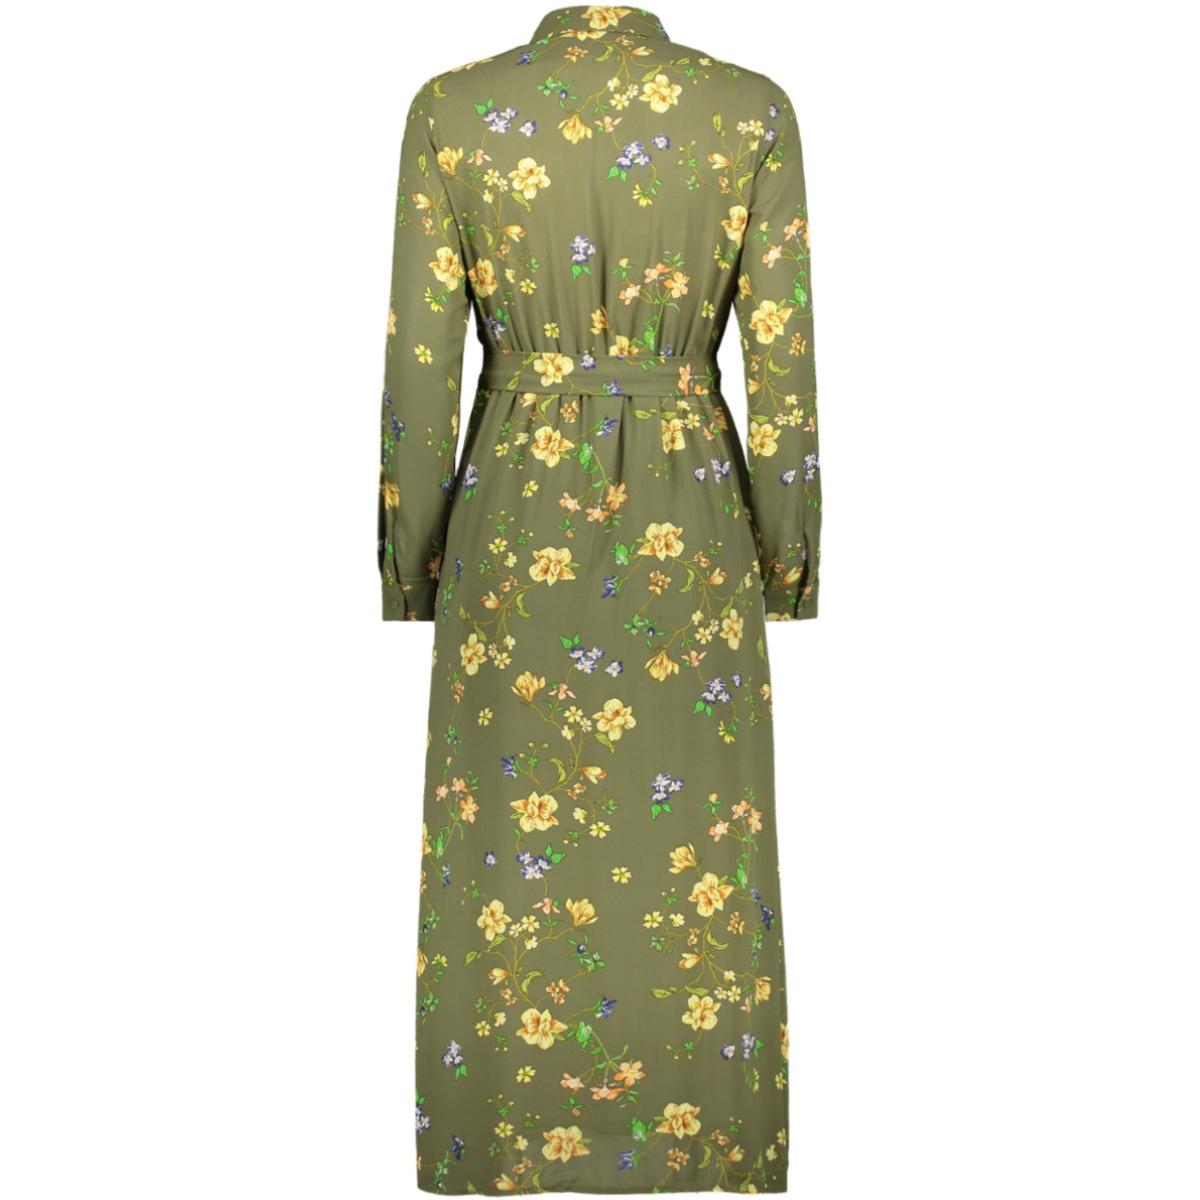 onlclaire l/s midi shirt dress wvn 15195968 only jurk kalamata/empowered